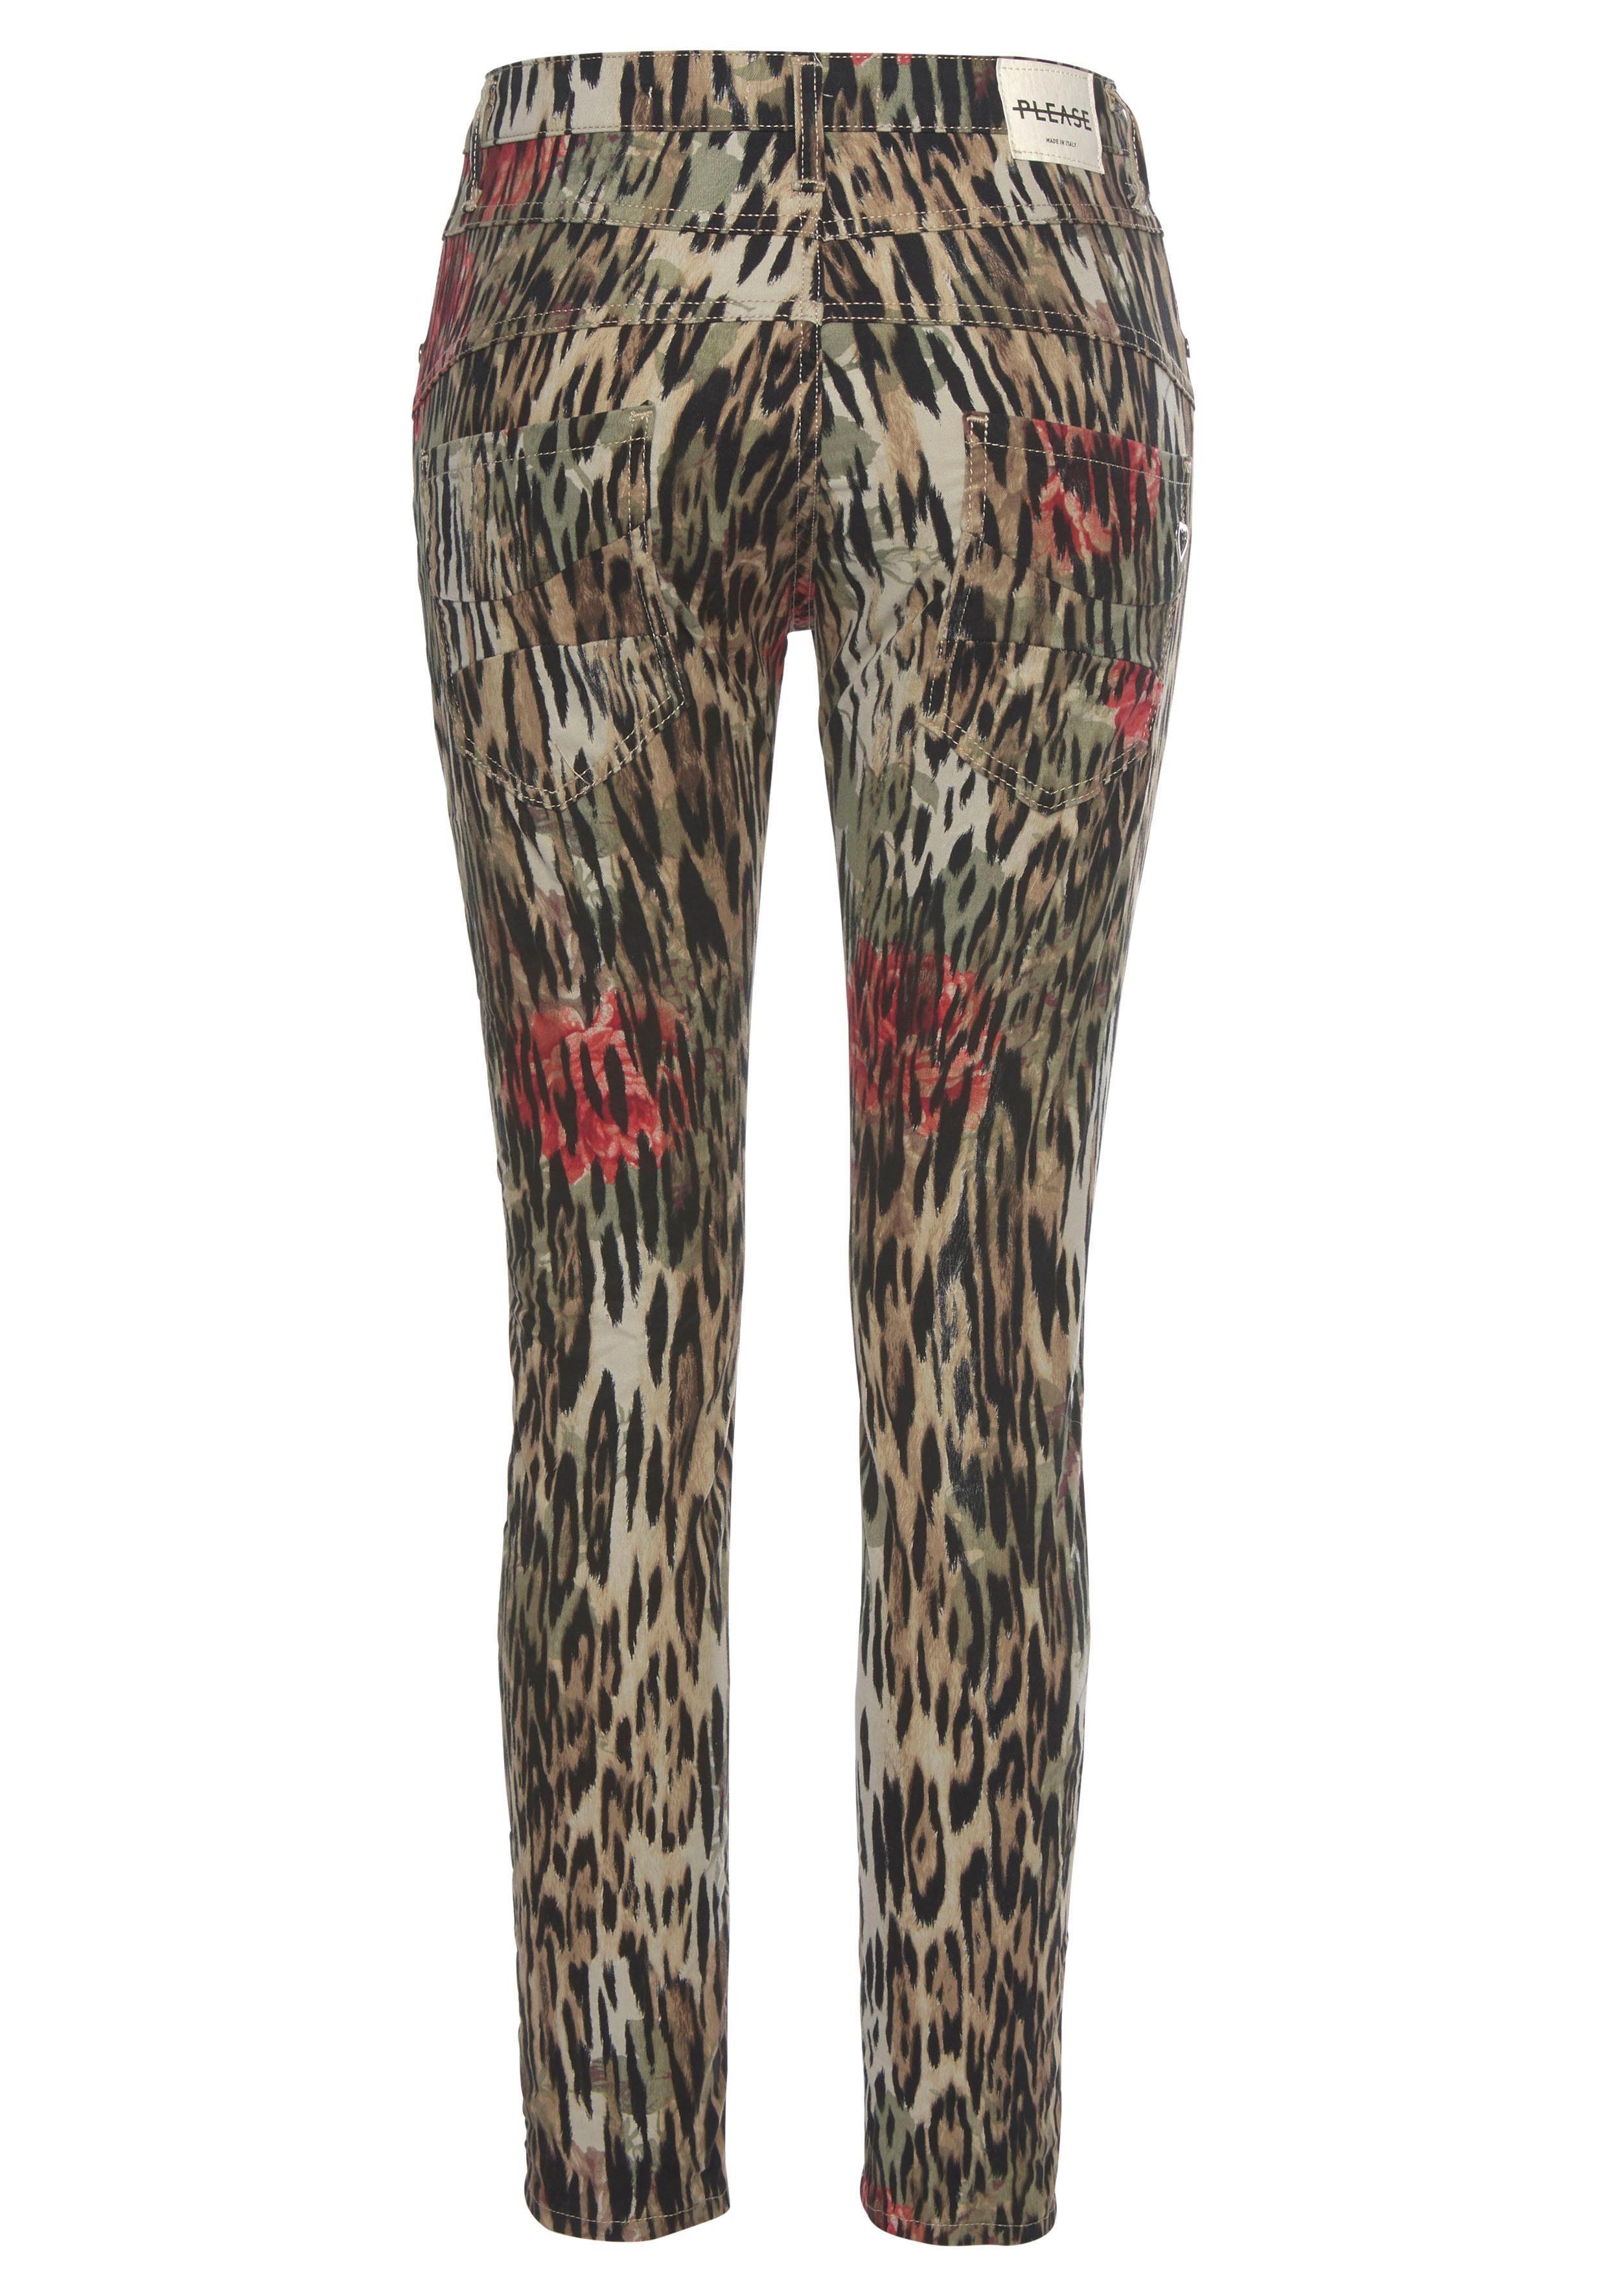 Please Jeans Boyfriend-Hose P78A Mit Allover-Leo-Flower Druck online kaufen tR6ISk